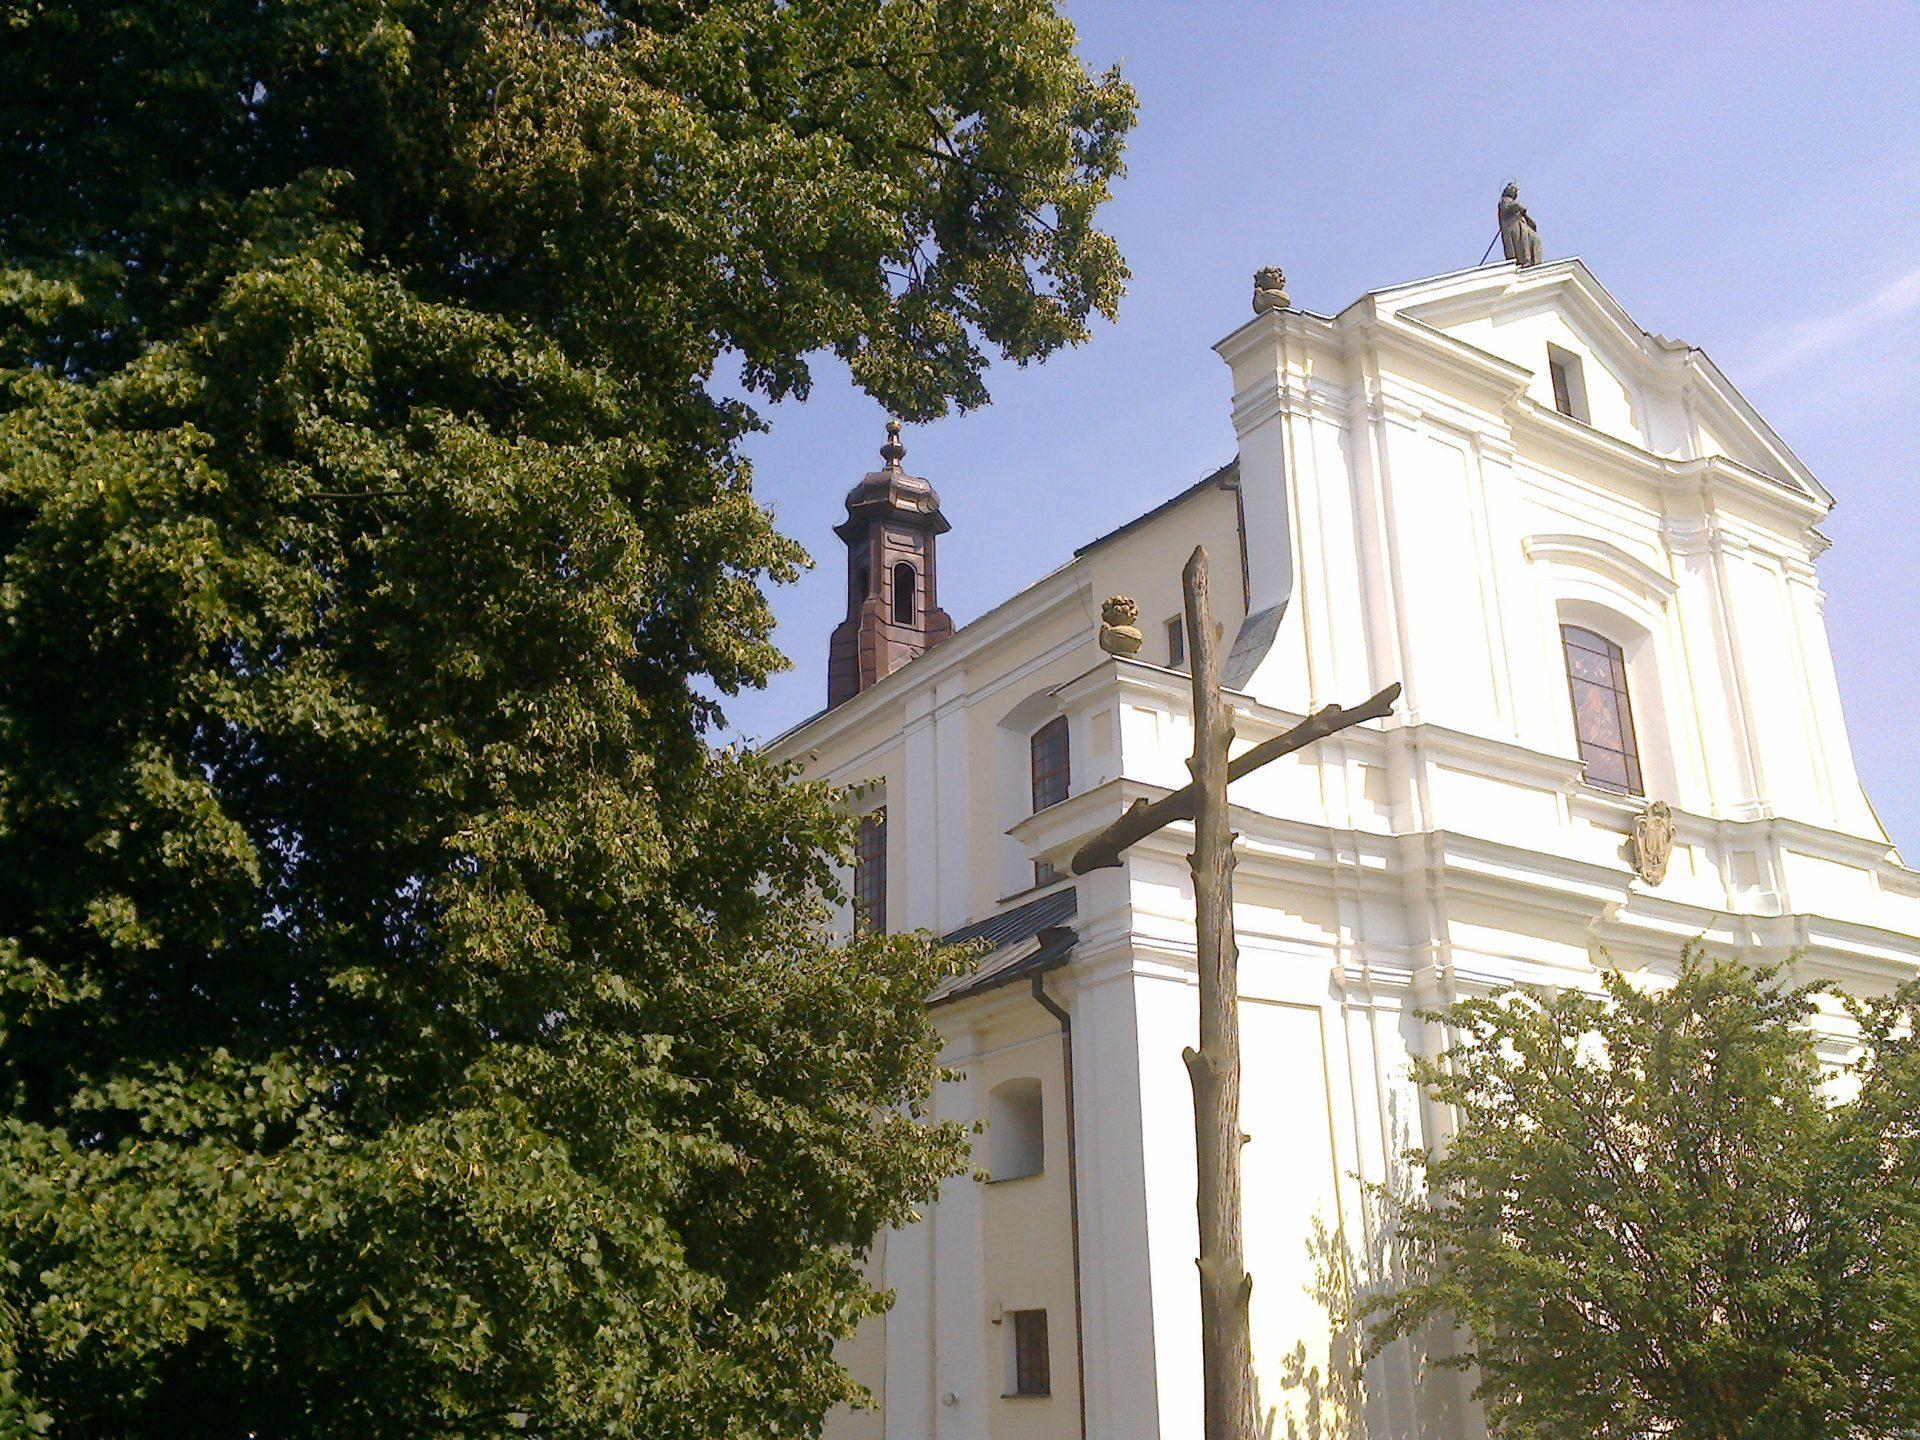 Kościół Trójcy Przenajświętszej wCiechanowcu. Fot.ks.Łukasz Borzęcki